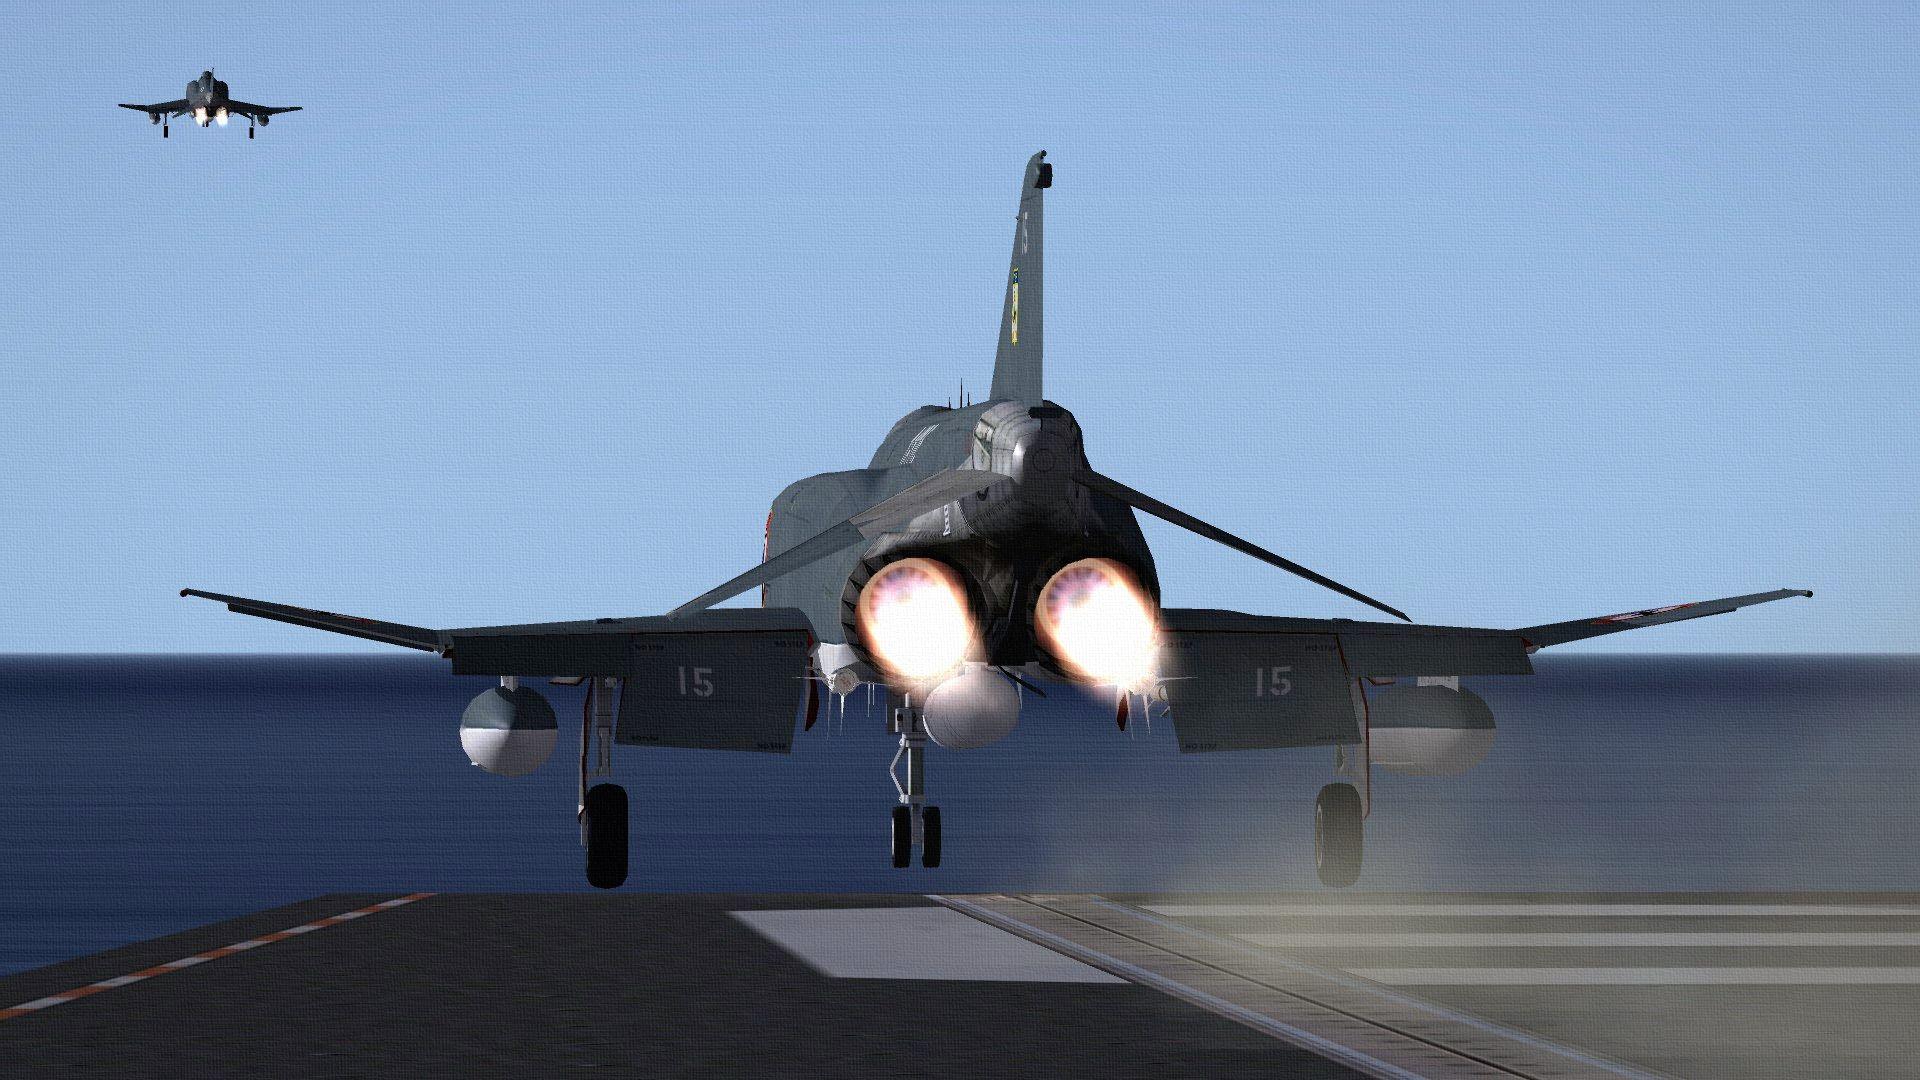 AERONAVALEF-4JPHANTOM02_zps761ae252.jpg